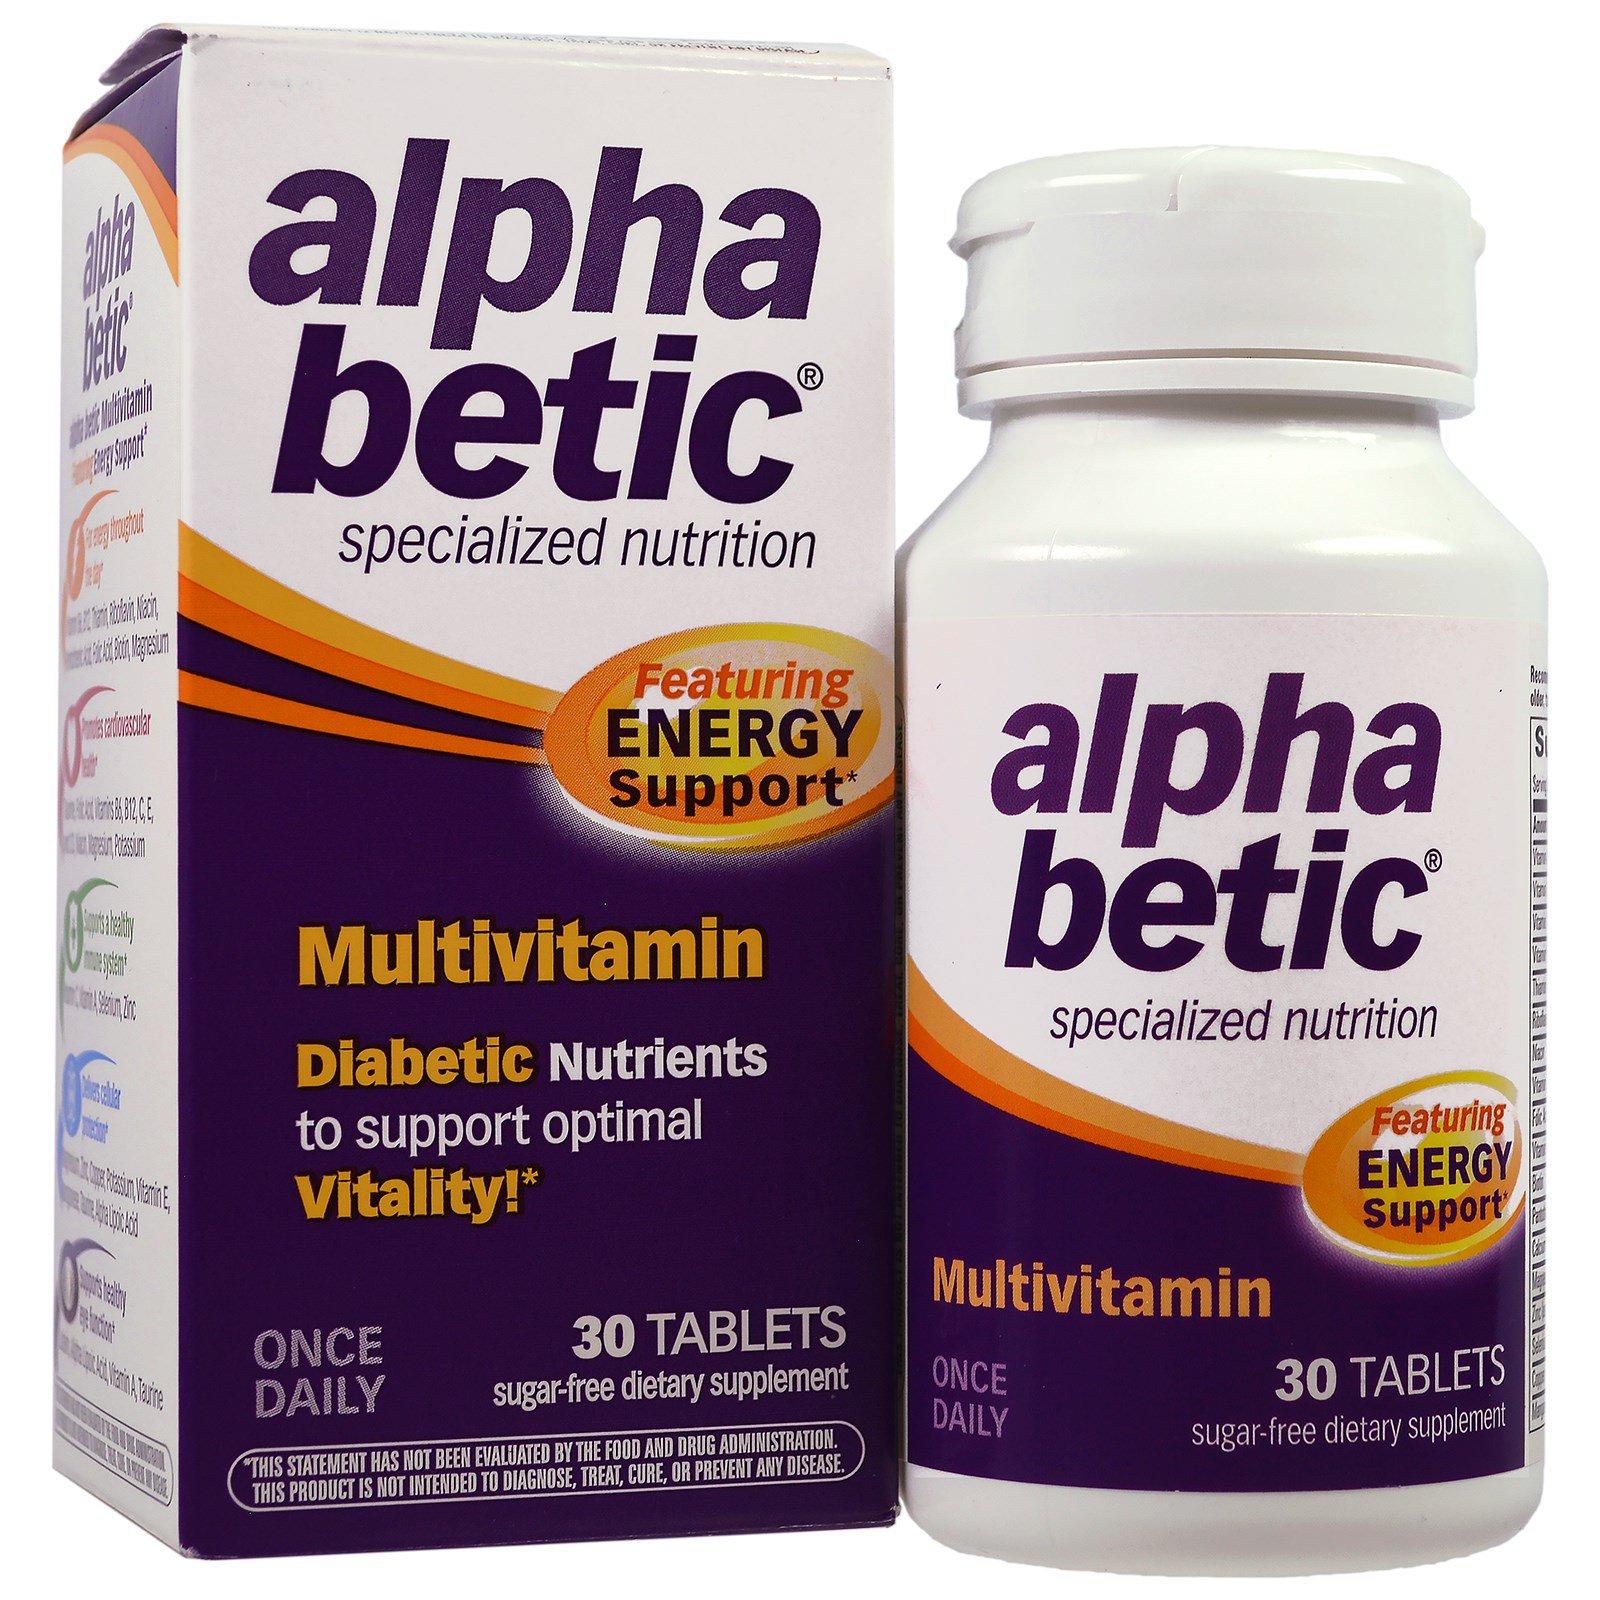 лучшие мультивитамины для диабетиков